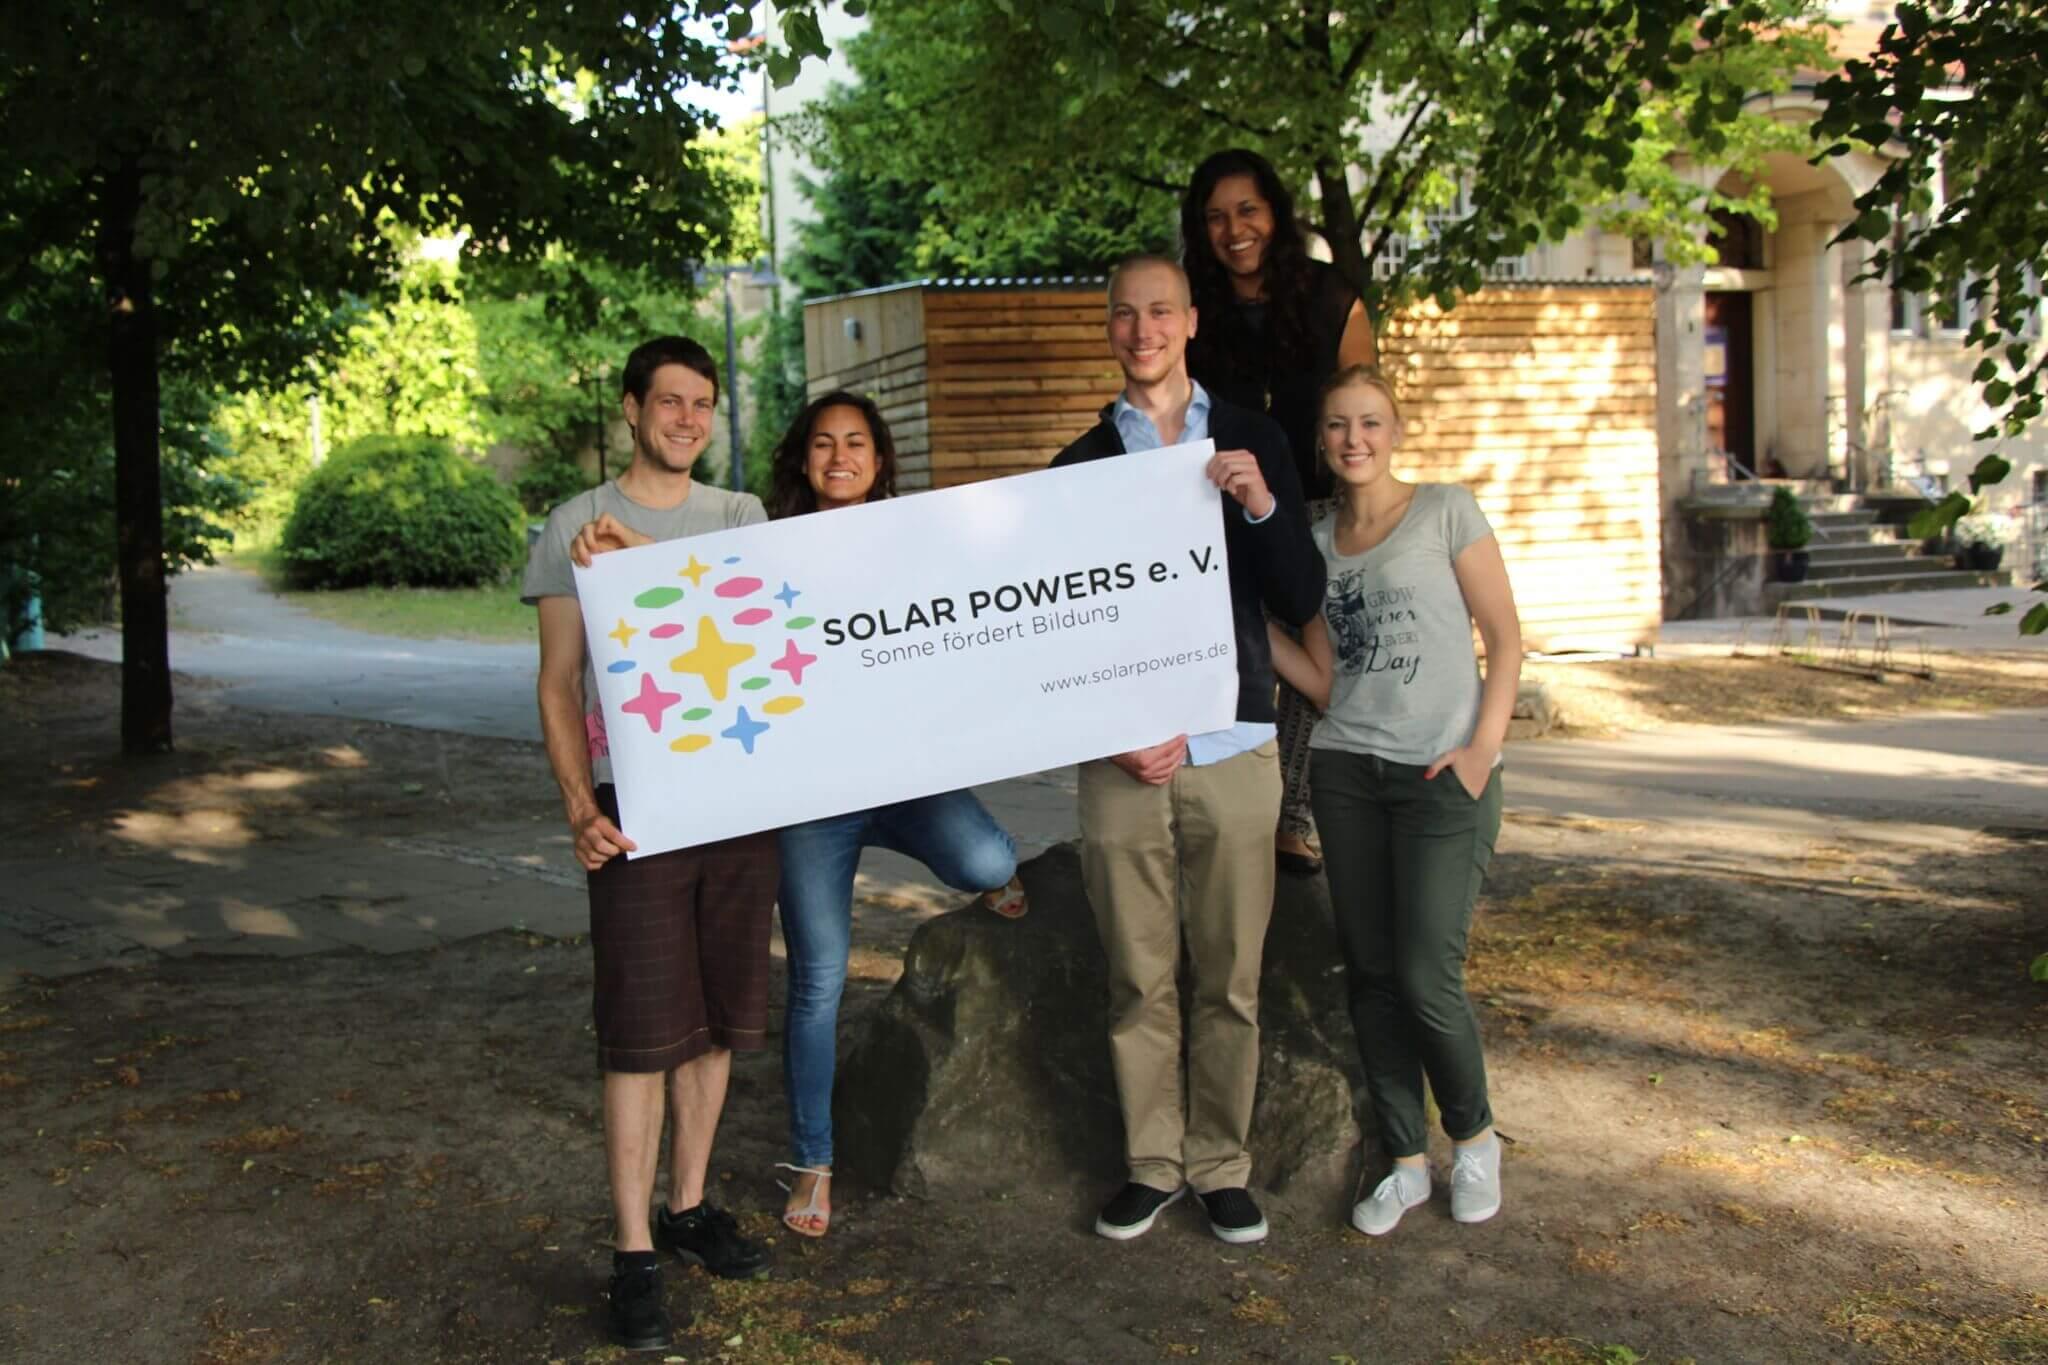 Der studentische Verein Solar Powers will auf den Dächern der TU Berlin Photovoltaikanlagen installieren © Soalr Powers e.V.